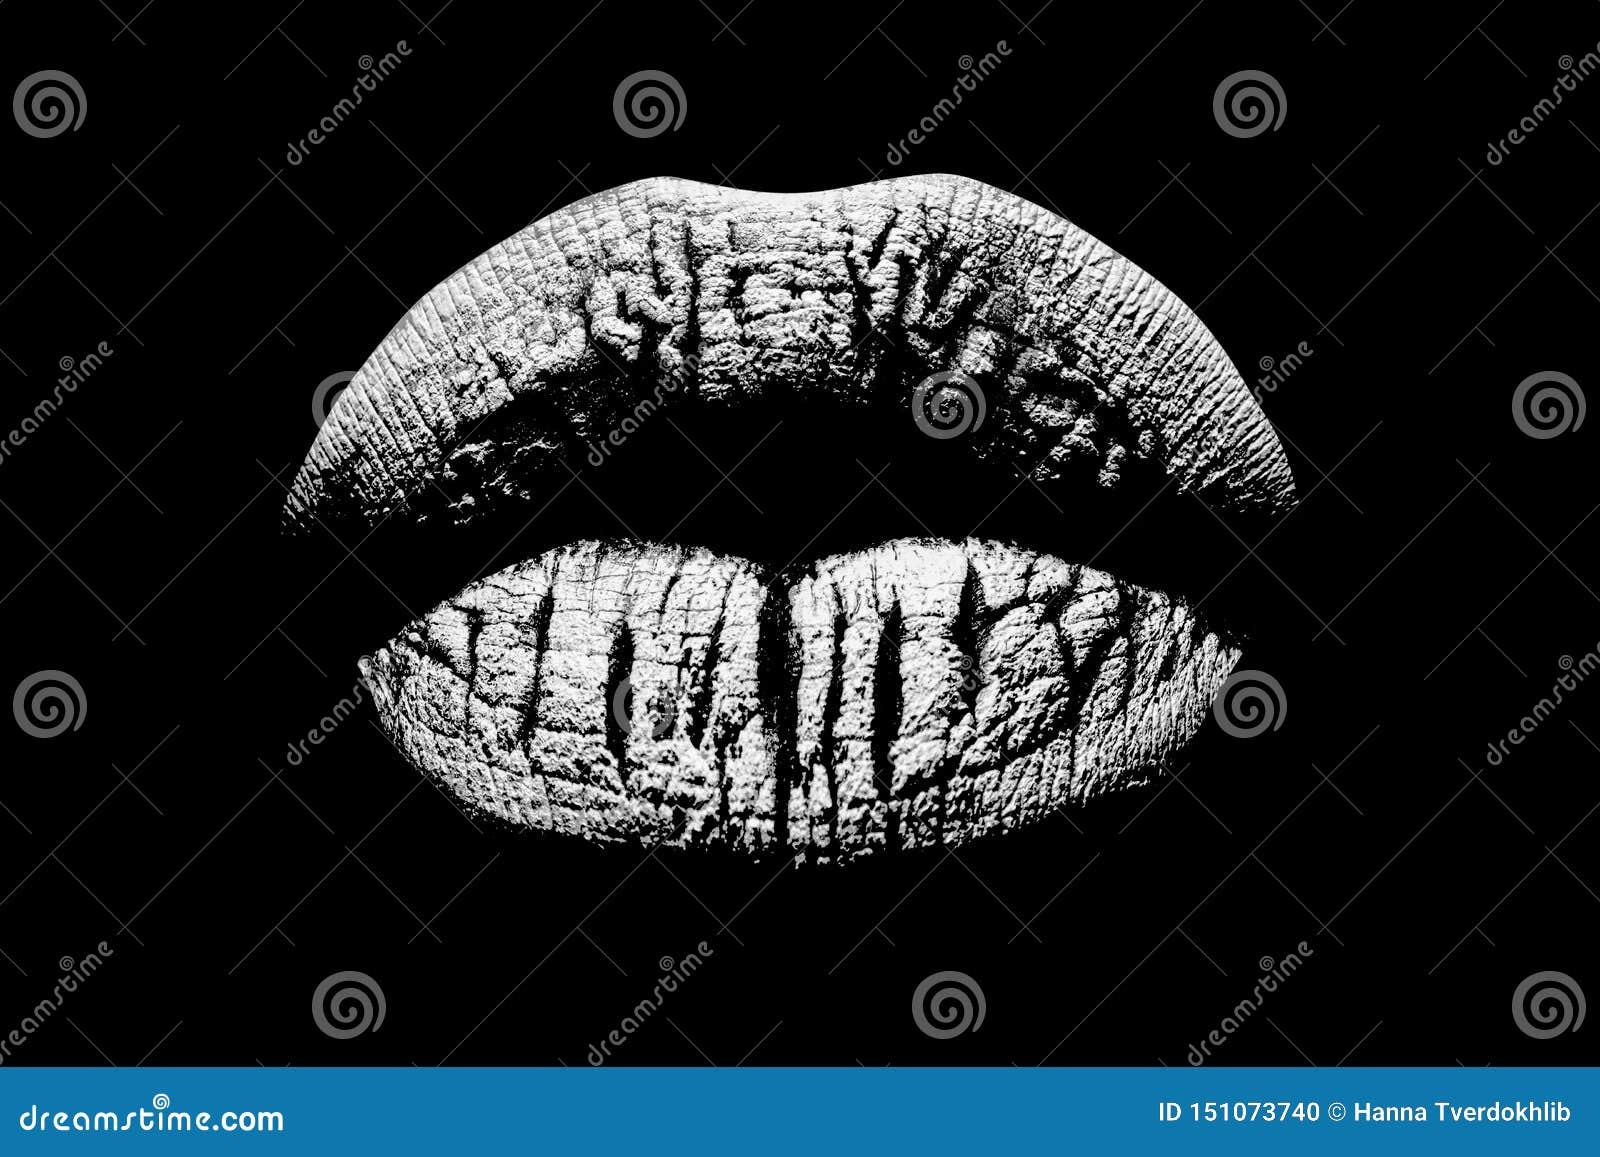 Zwart-witte lippen Sexy vrouwelijke mond Schoonheidspictogram dat op zwarte achtergrond wordt geïsoleerd LIPPENdruk Kus met liefd